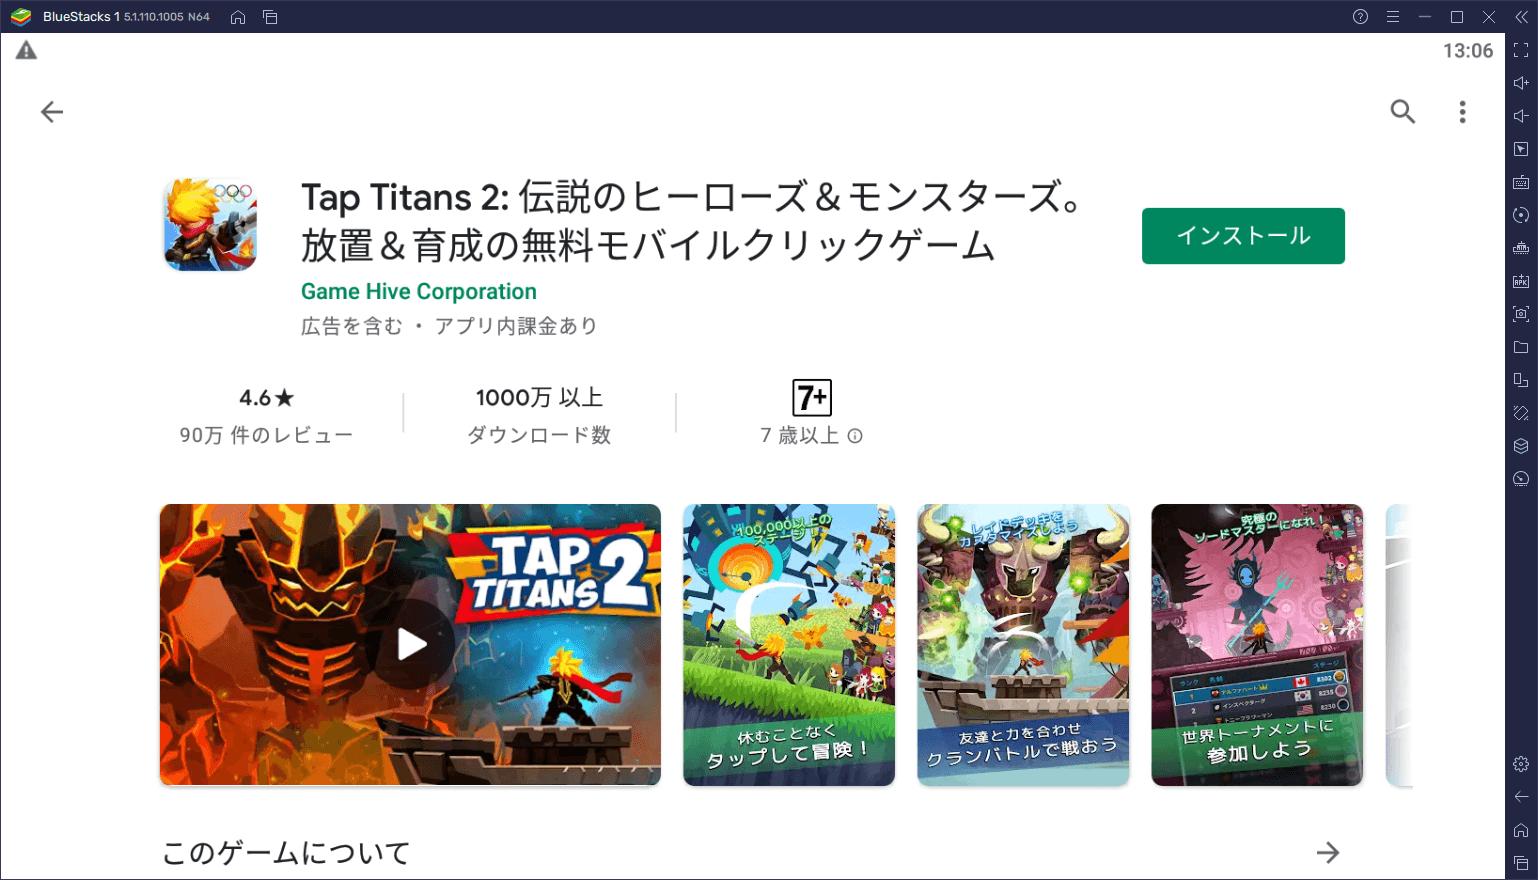 BlueStacksを使ってPCで『Tap Titans 2: 伝説のヒーローズ&モンスターズ』を遊ぼう